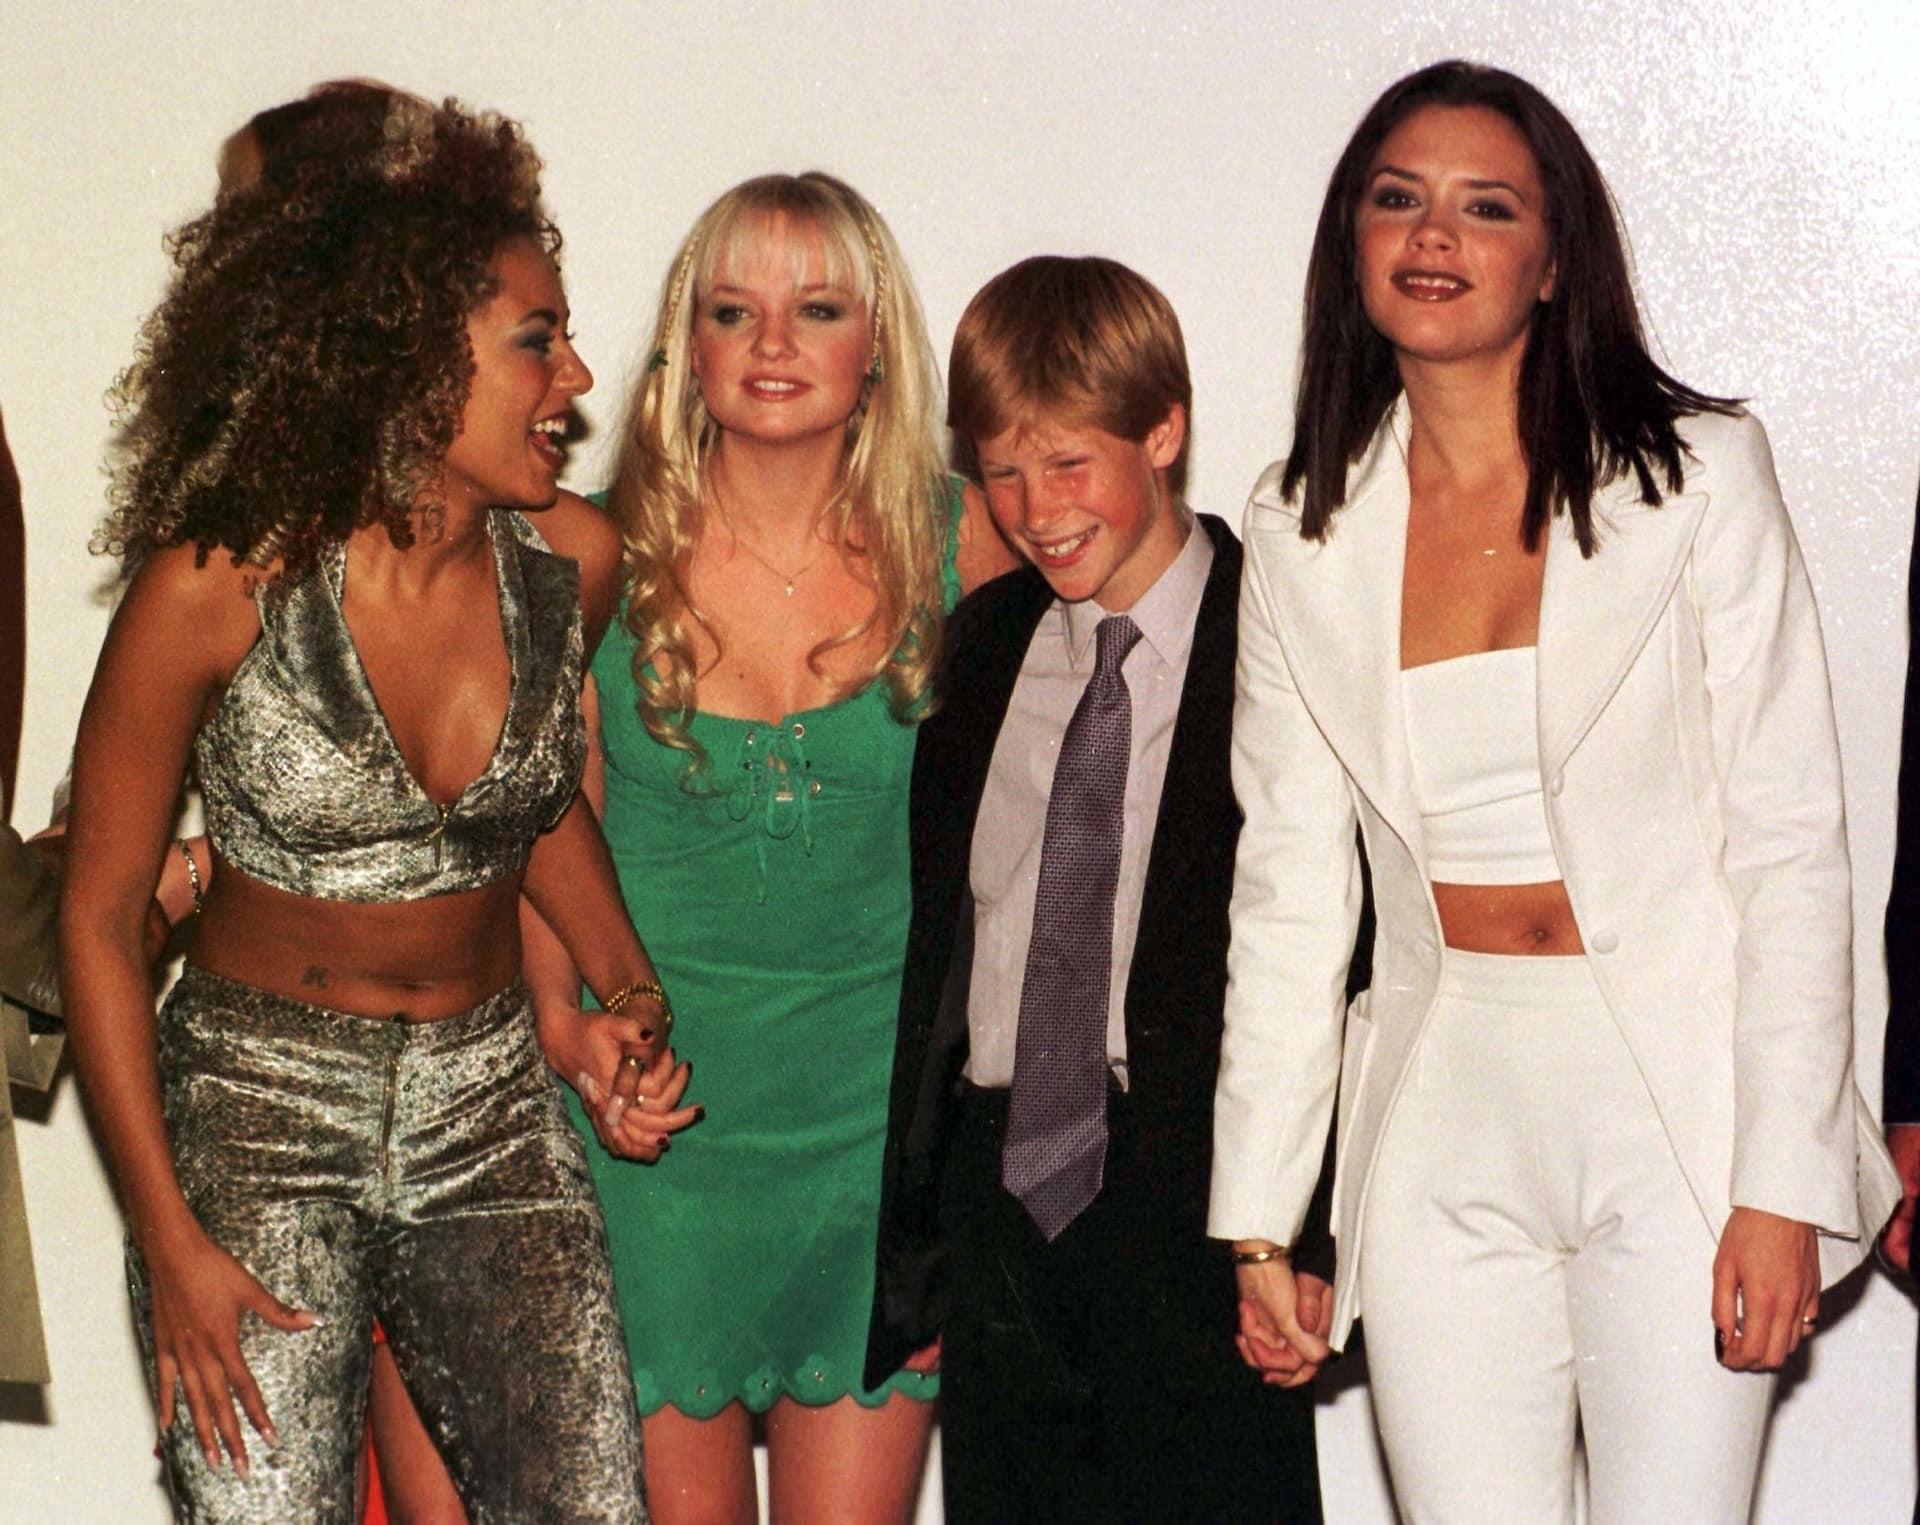 Prinz Harry Spice Girls